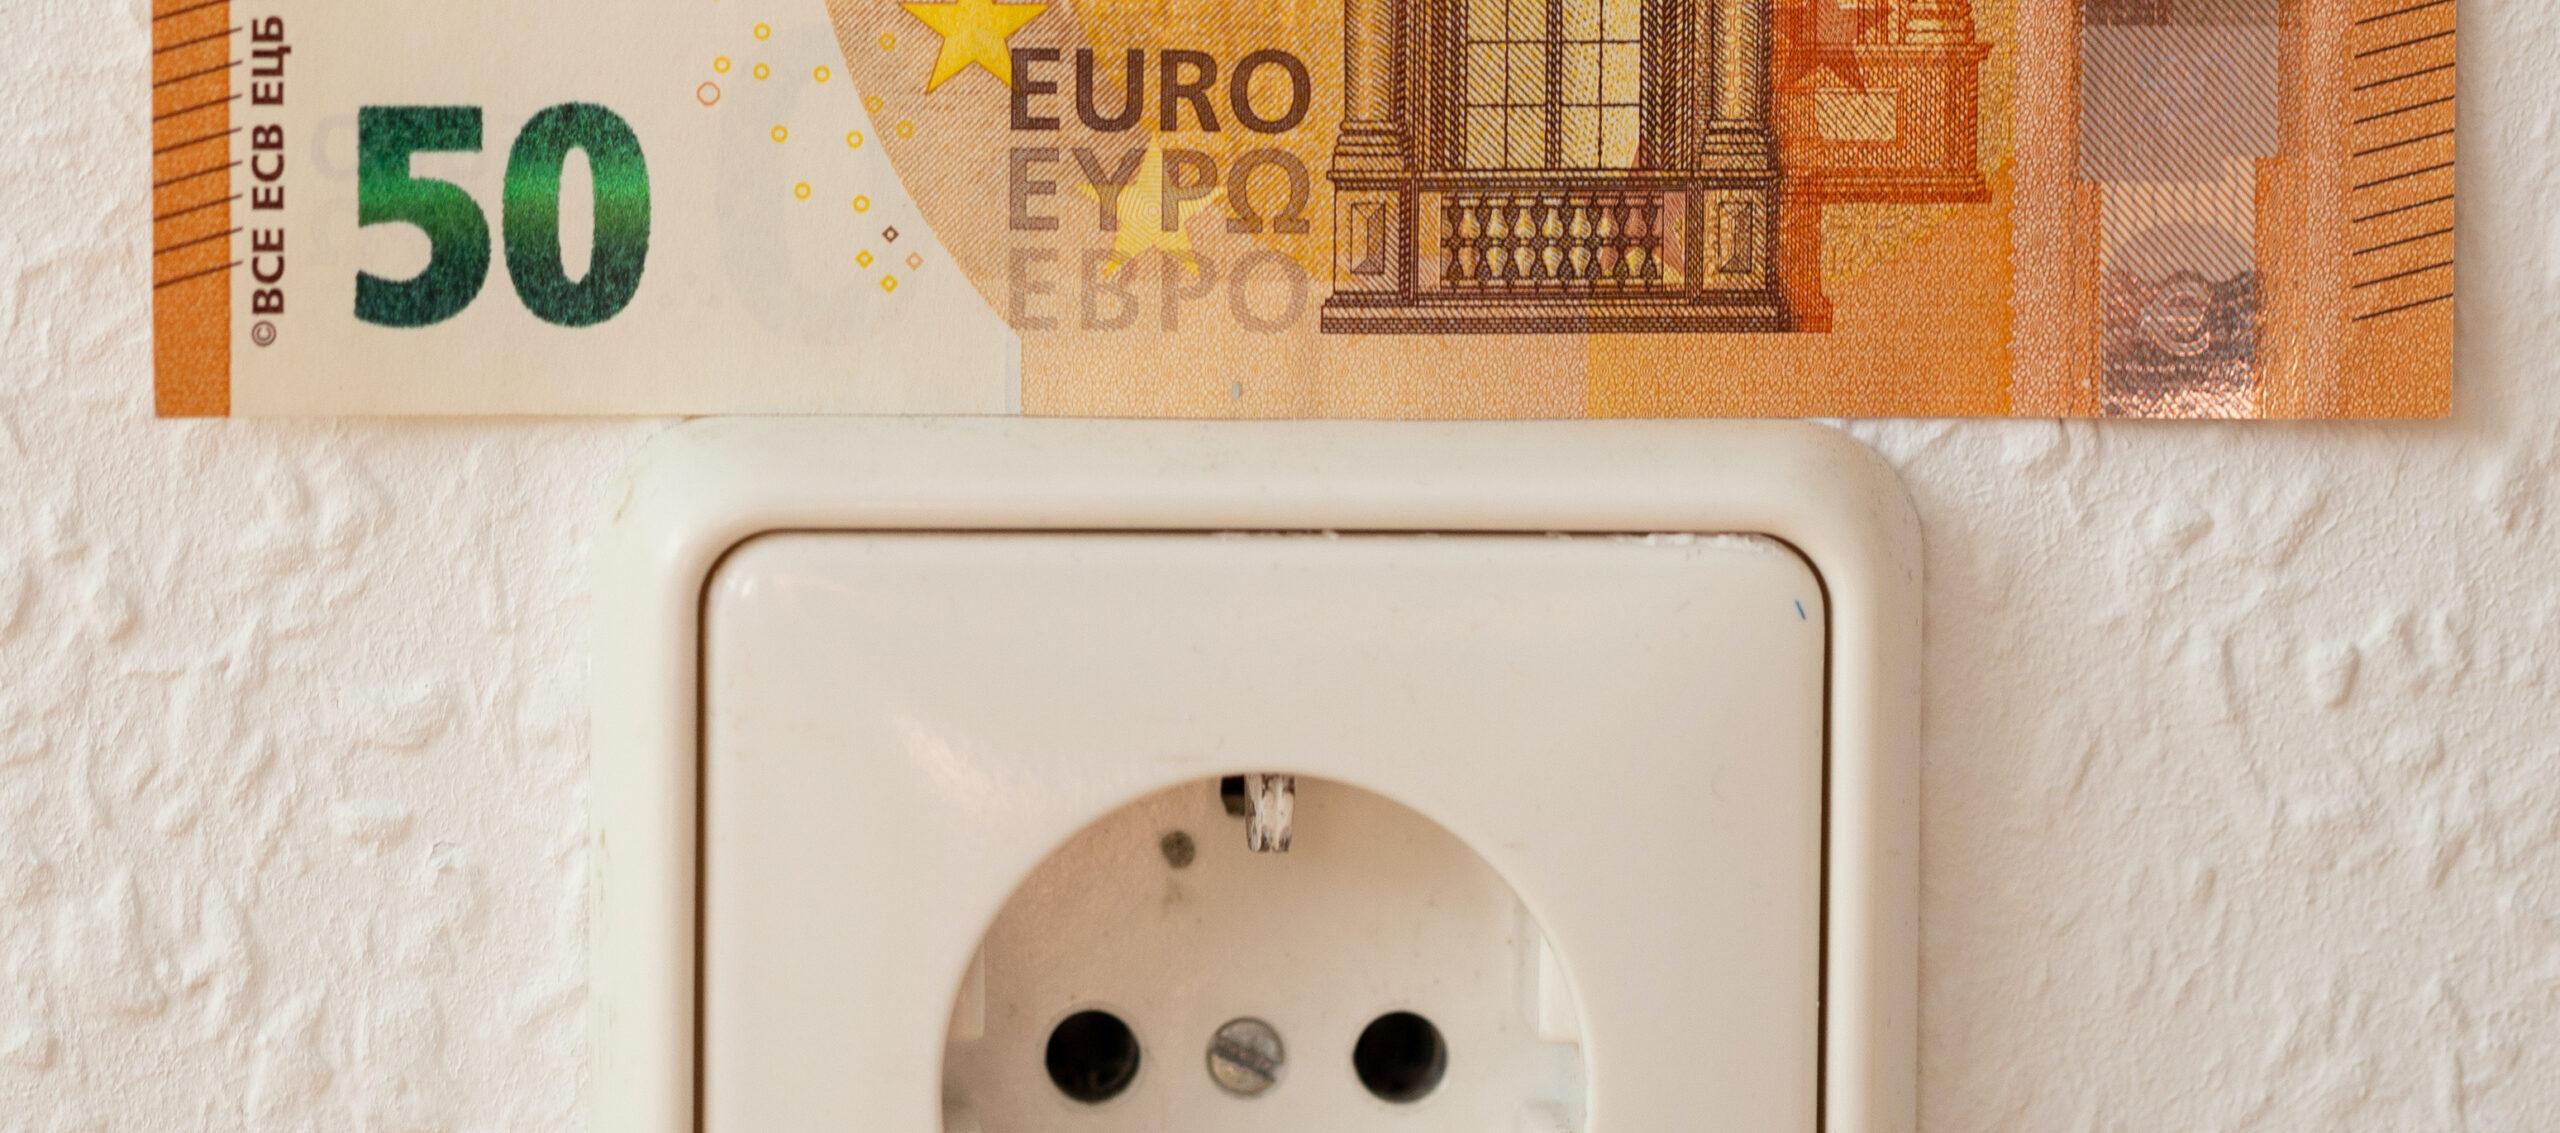 Hoe bespaar ik op mijn energierekening in 2021?